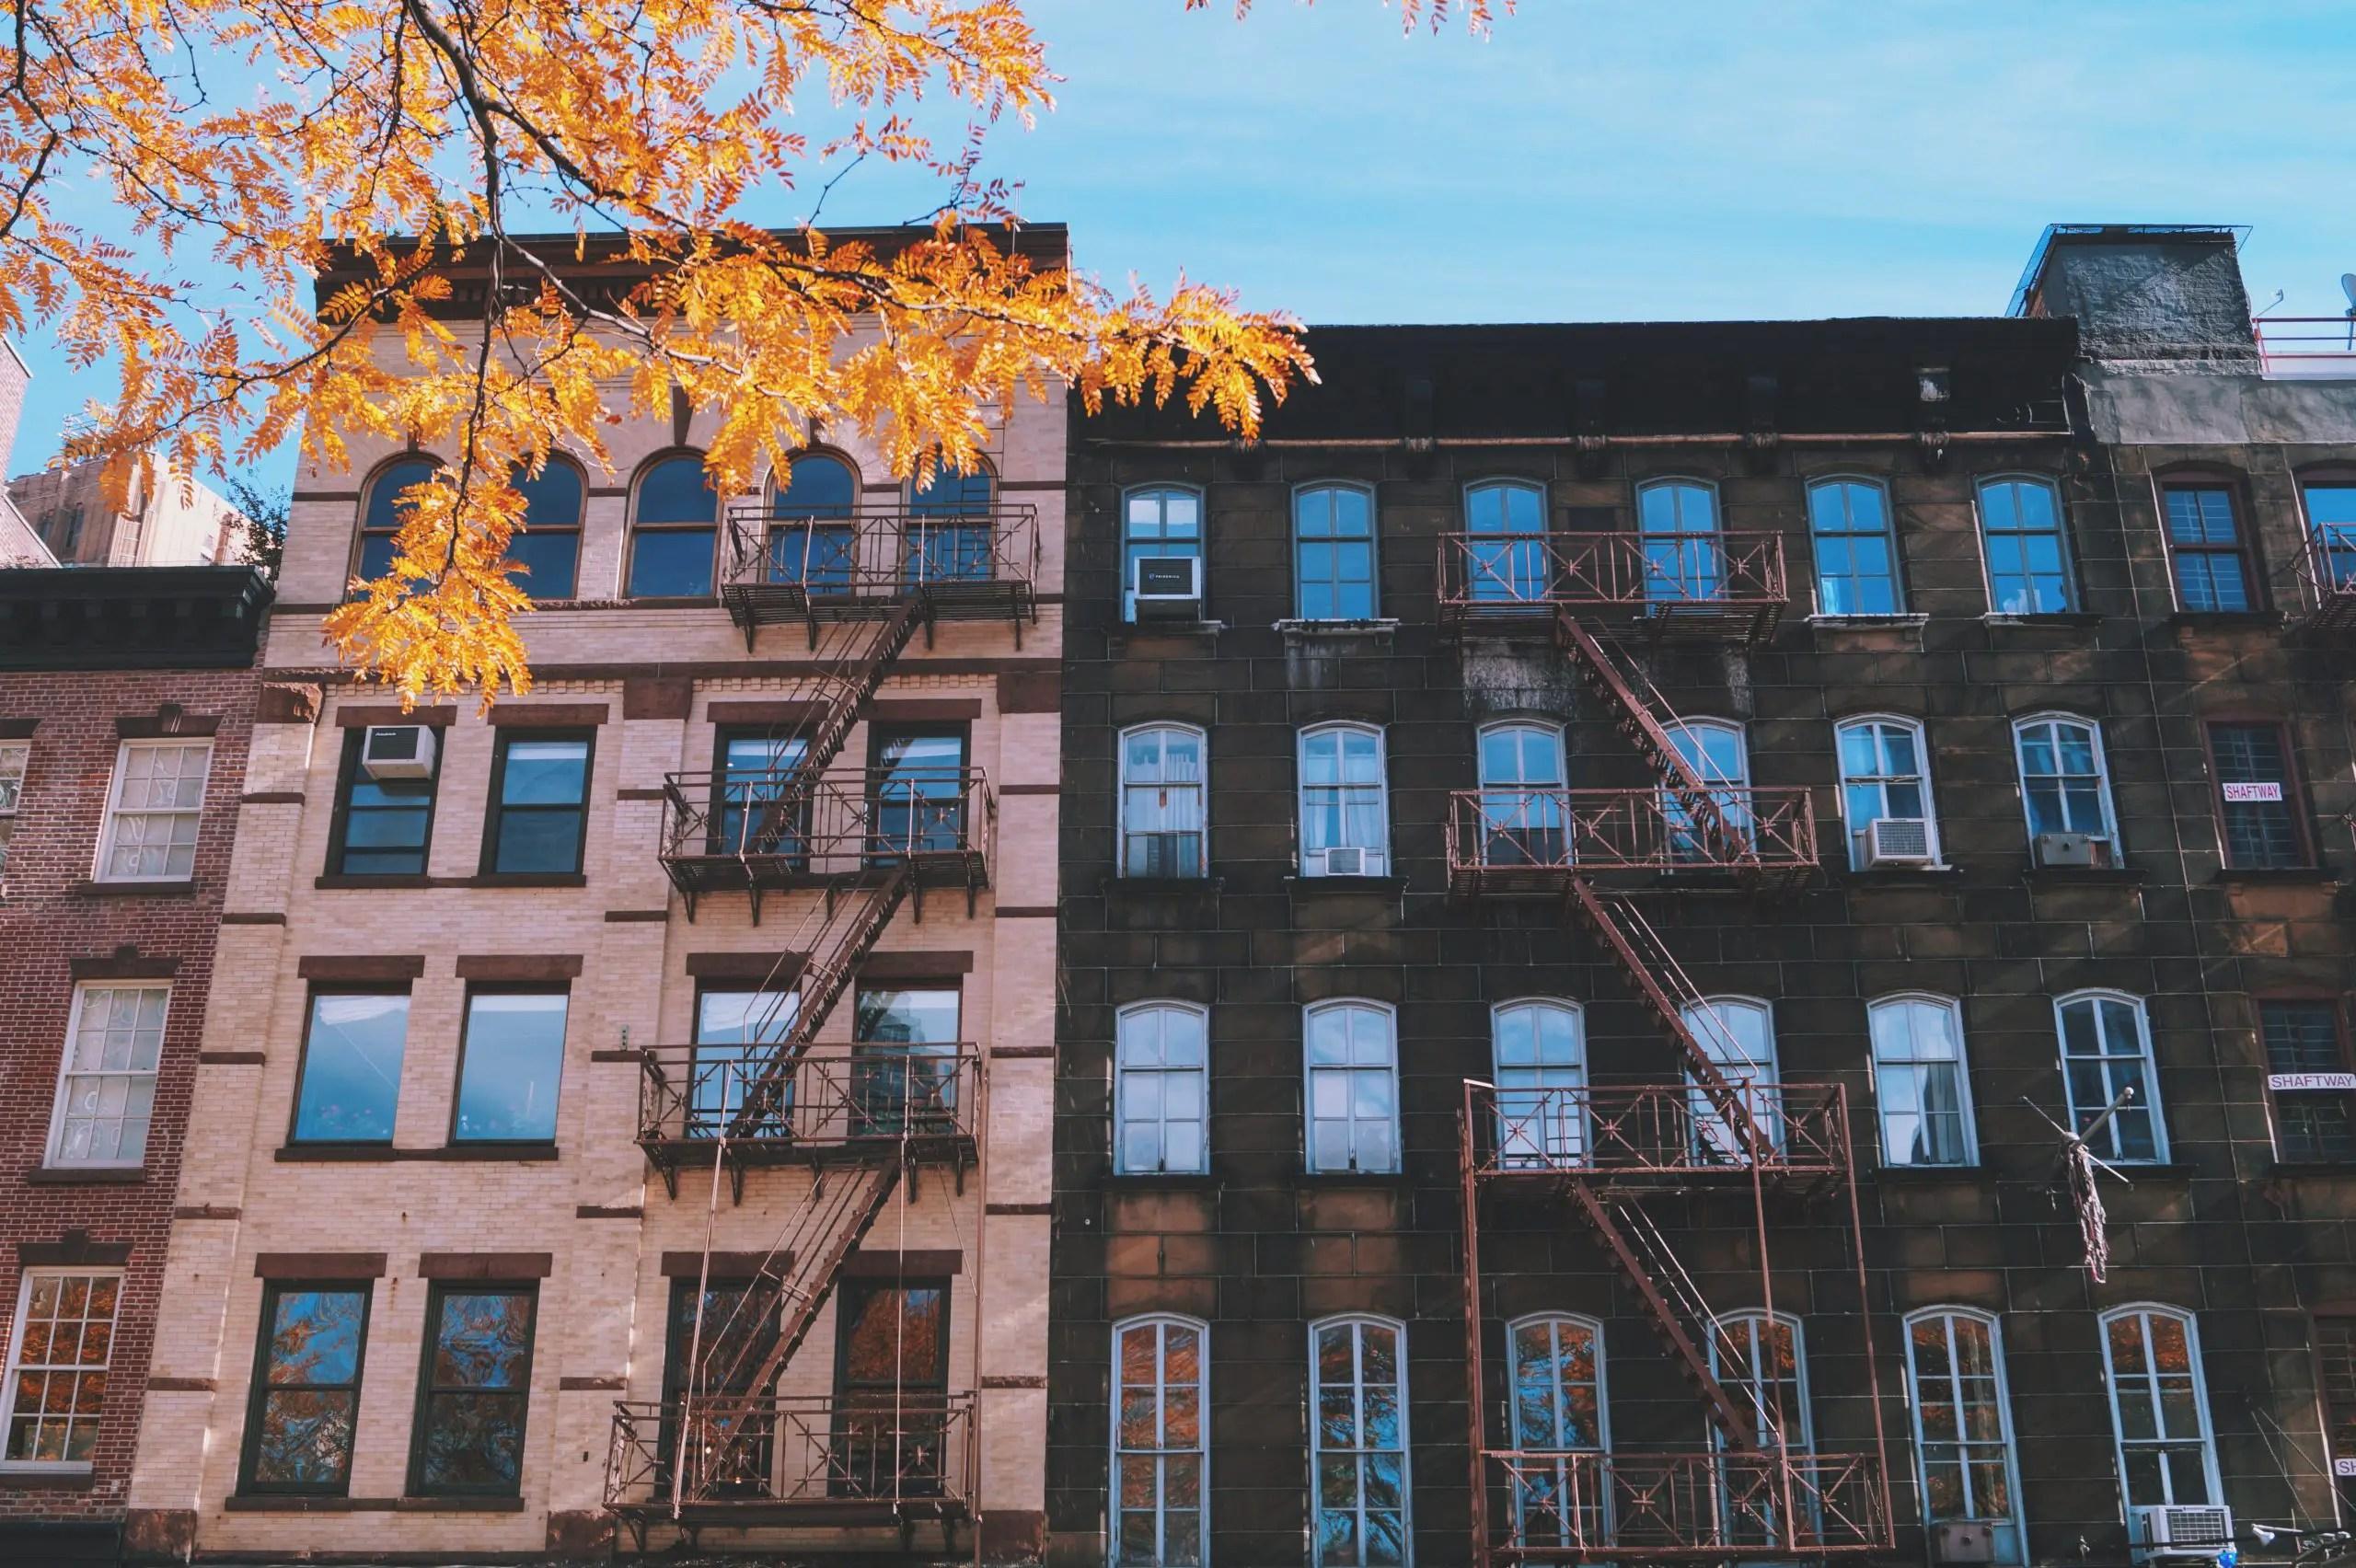 big city brick rental apartment building